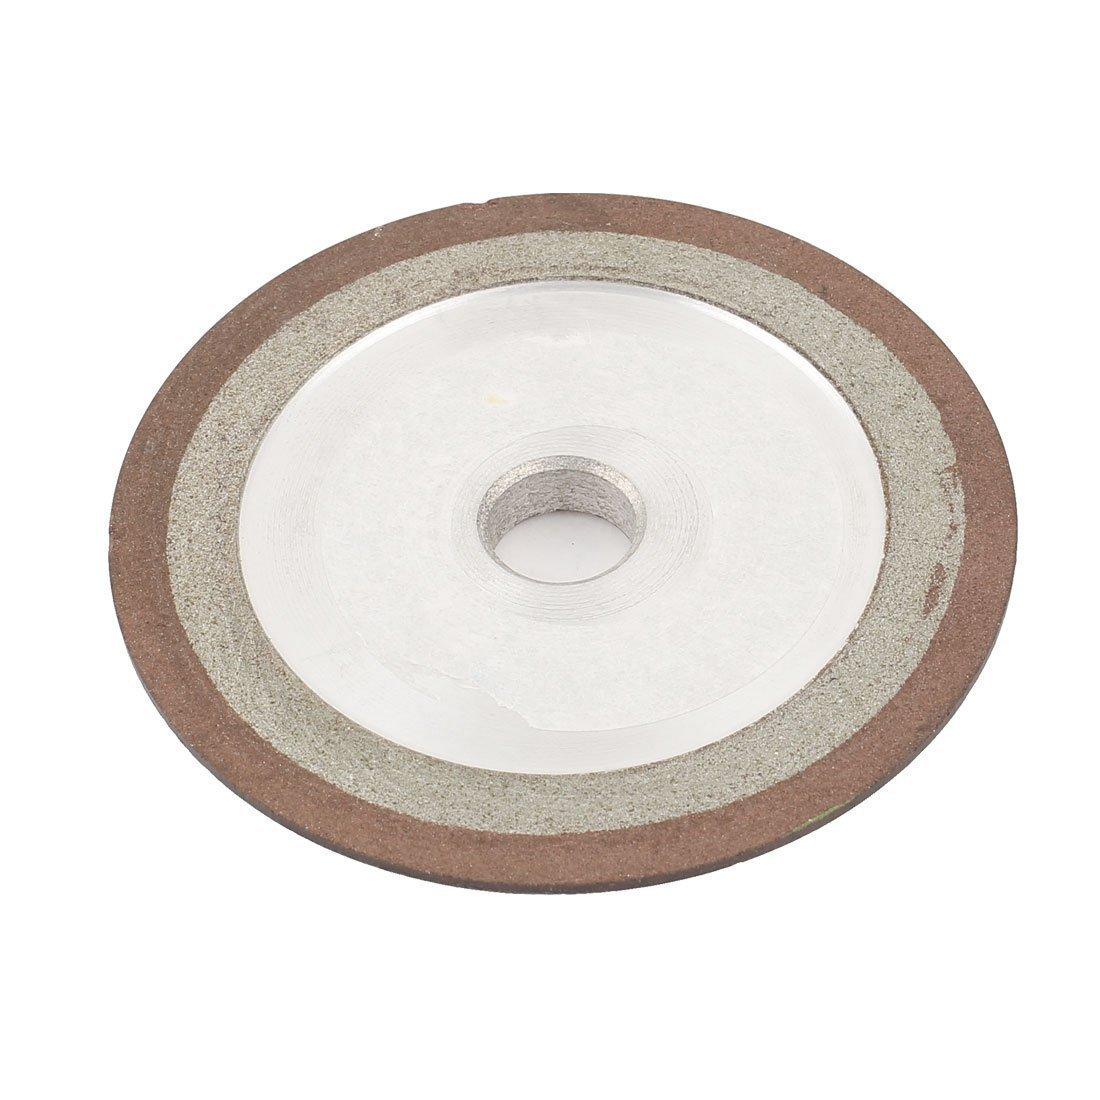 7, 62 cm x 0, 95 cm resina Bond Plain muela de rectificar tipo diamante molinillo 150 grano 75% Sourcingmap a14110300ux0850